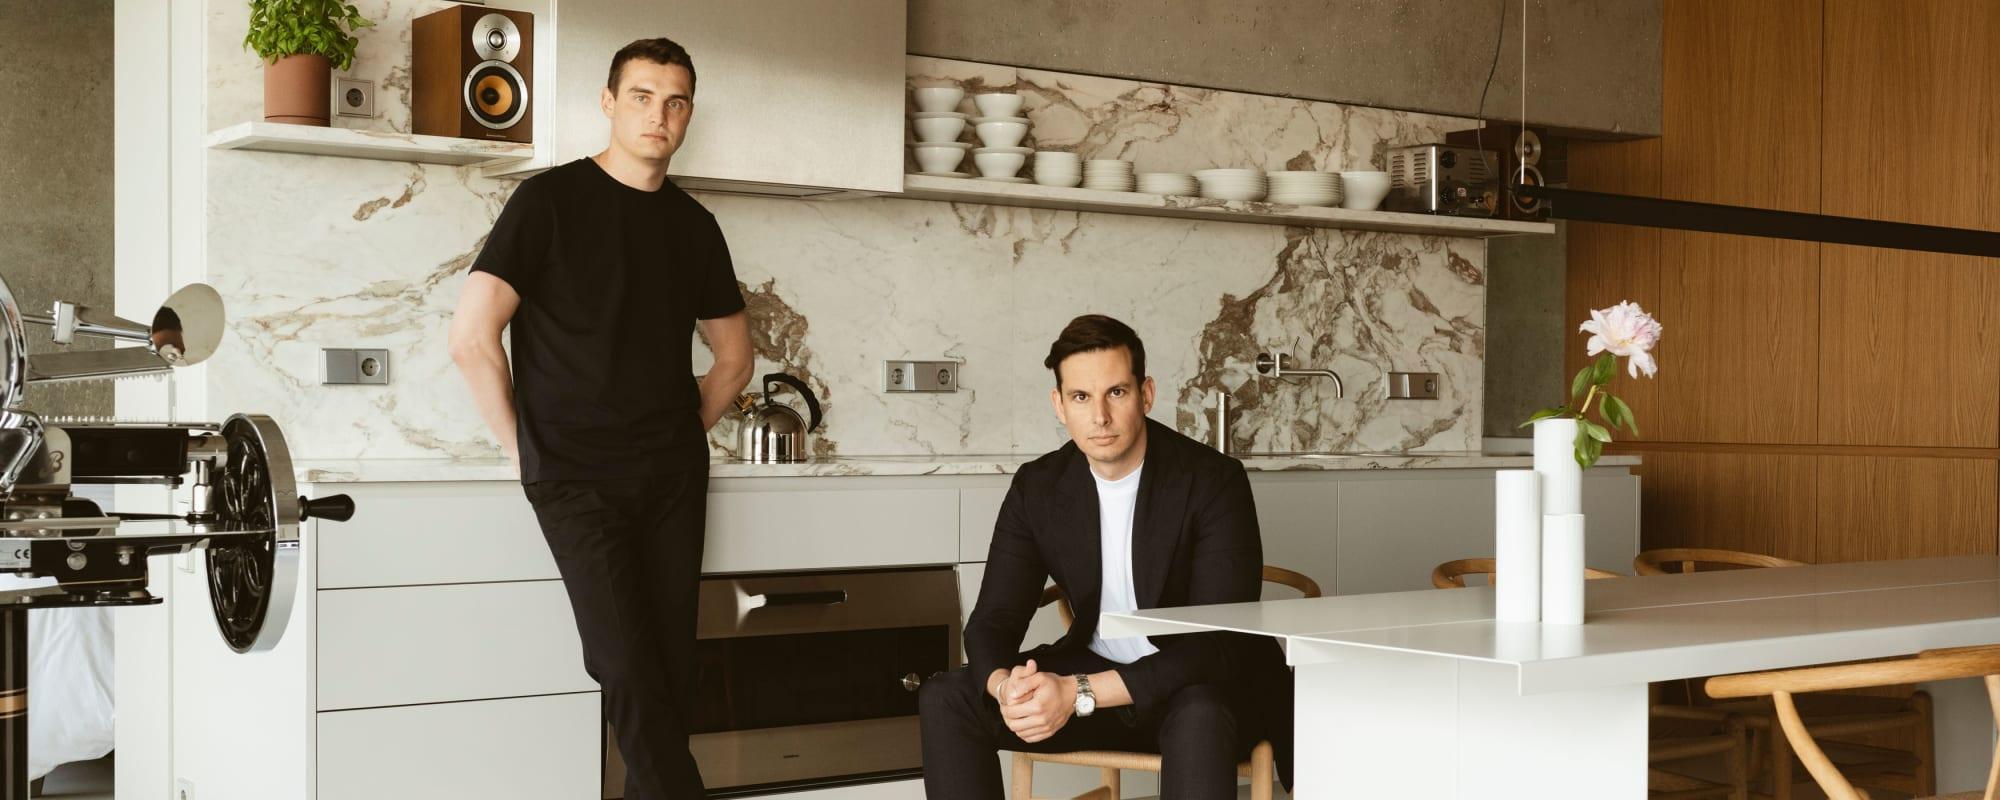 Christopher Sitzler und Frederik Brakel in ihrer Küche.